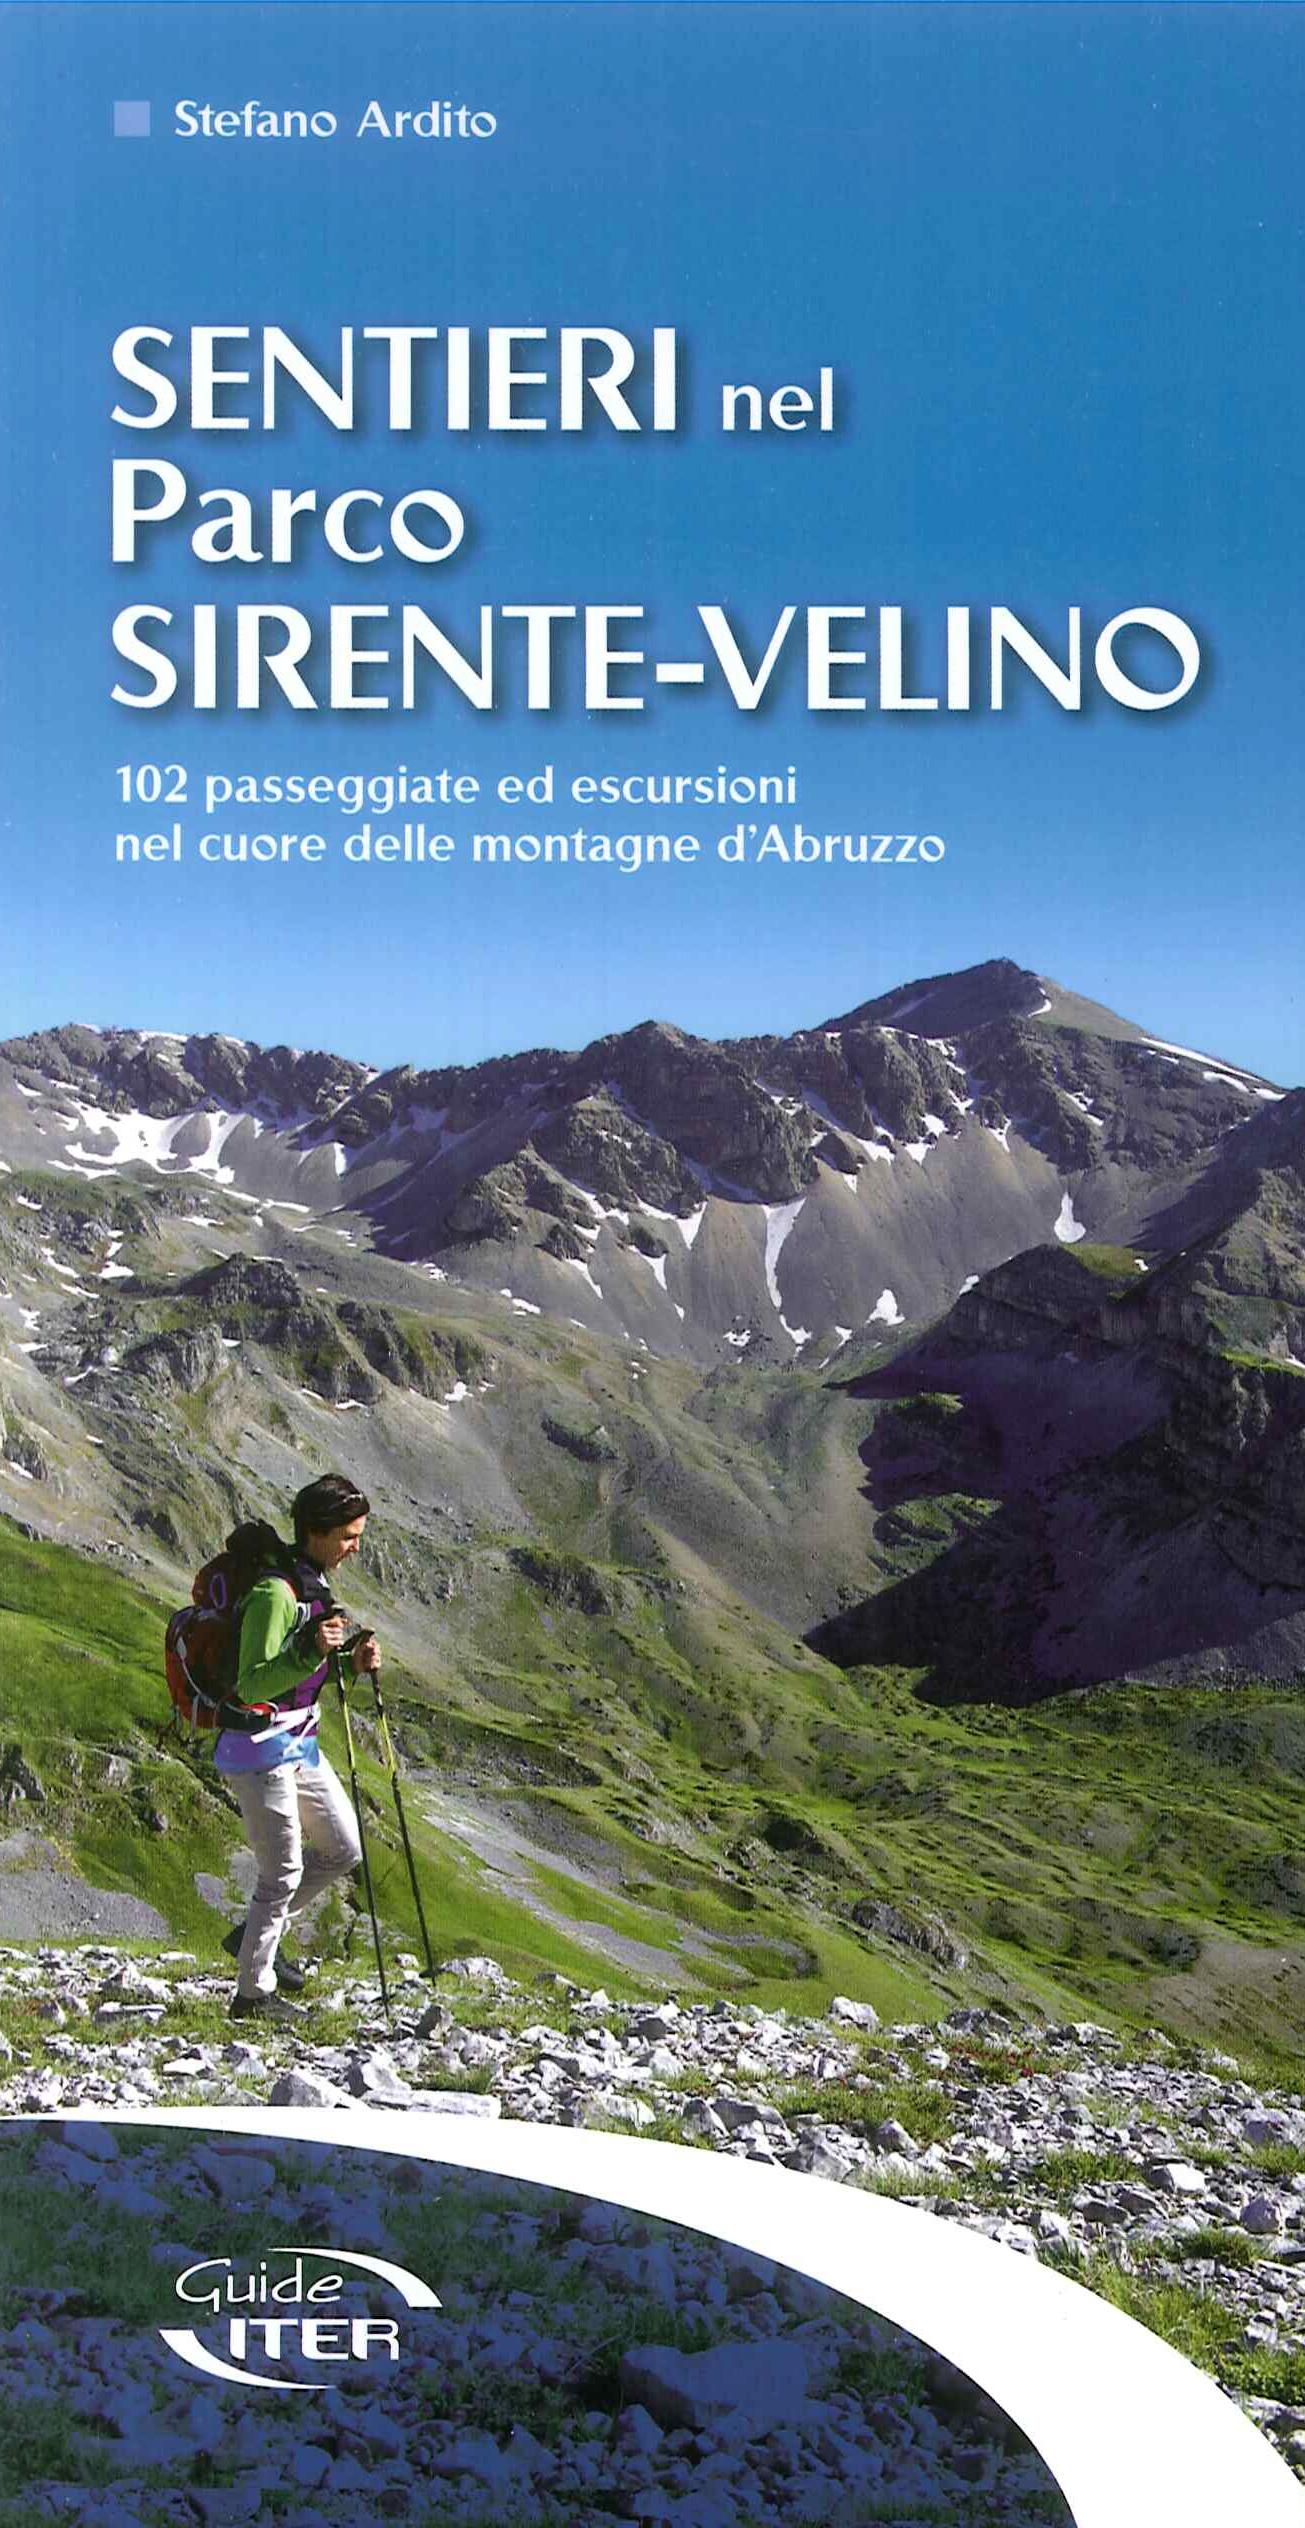 Sentieri nel parco Sirente-Velino. 102 passeggiate ed escursioni nel cuore delle montagne d'Abruzzo.